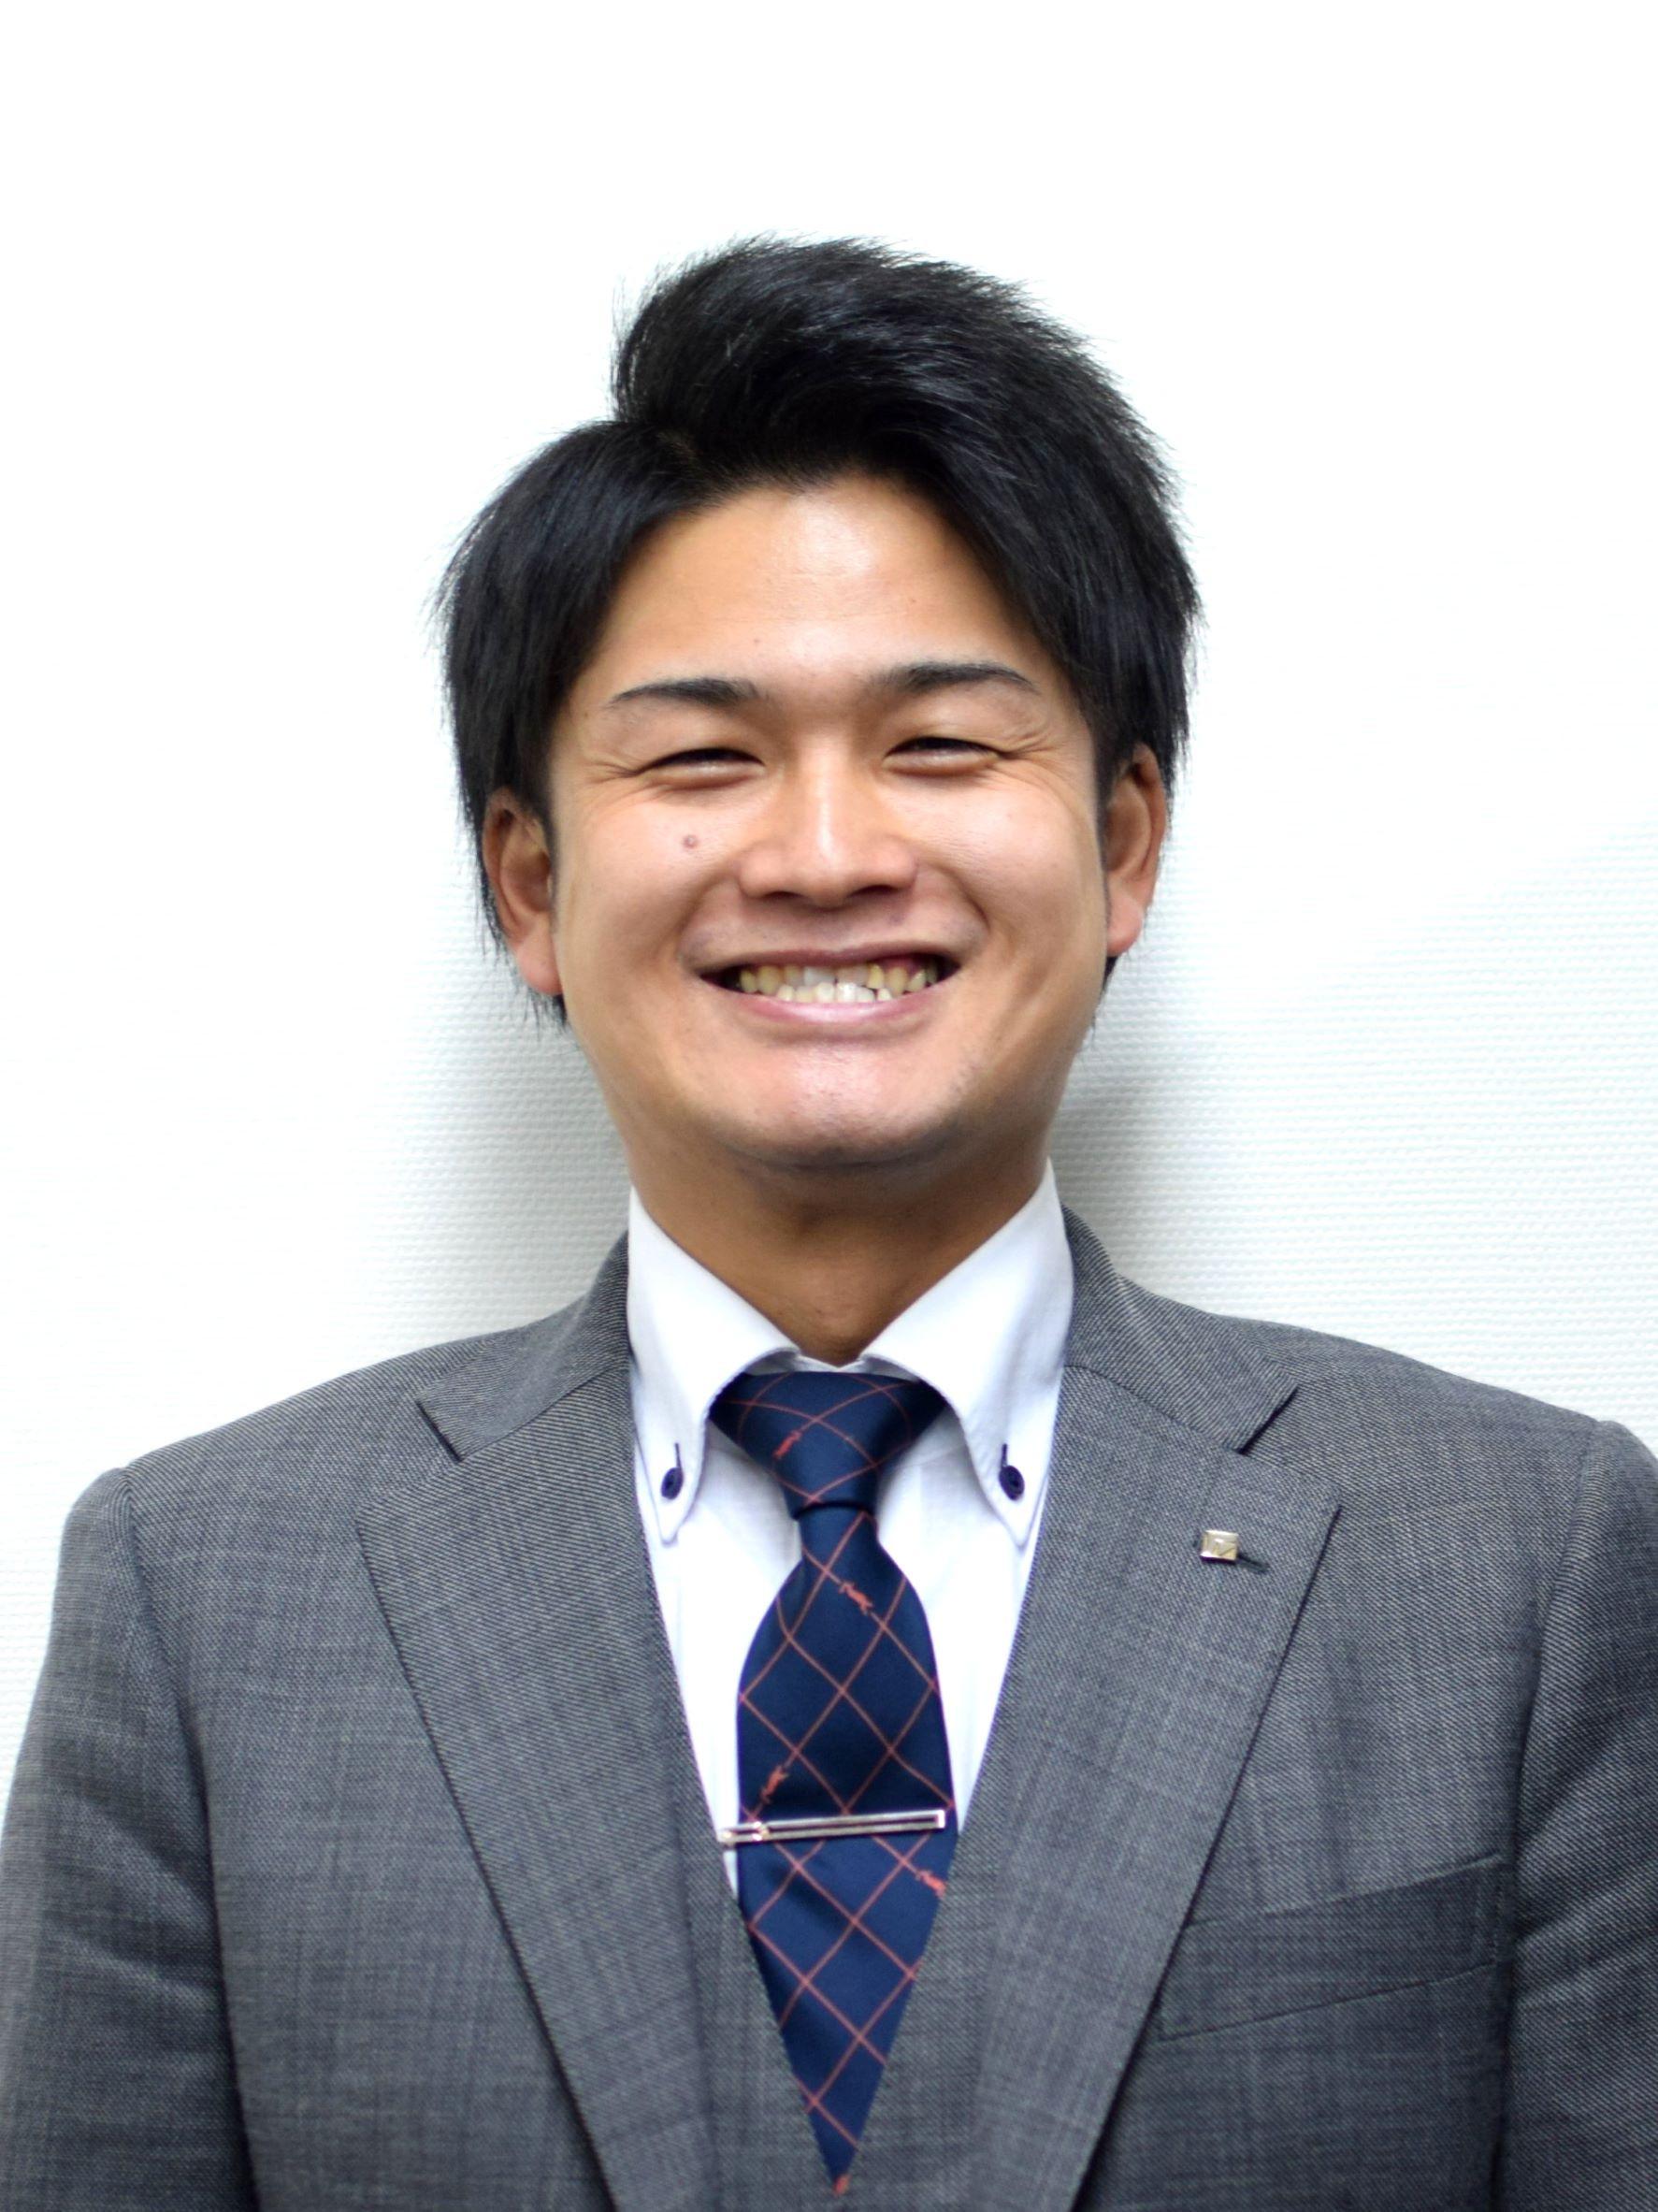 松永 淳 (まつなが あつし)